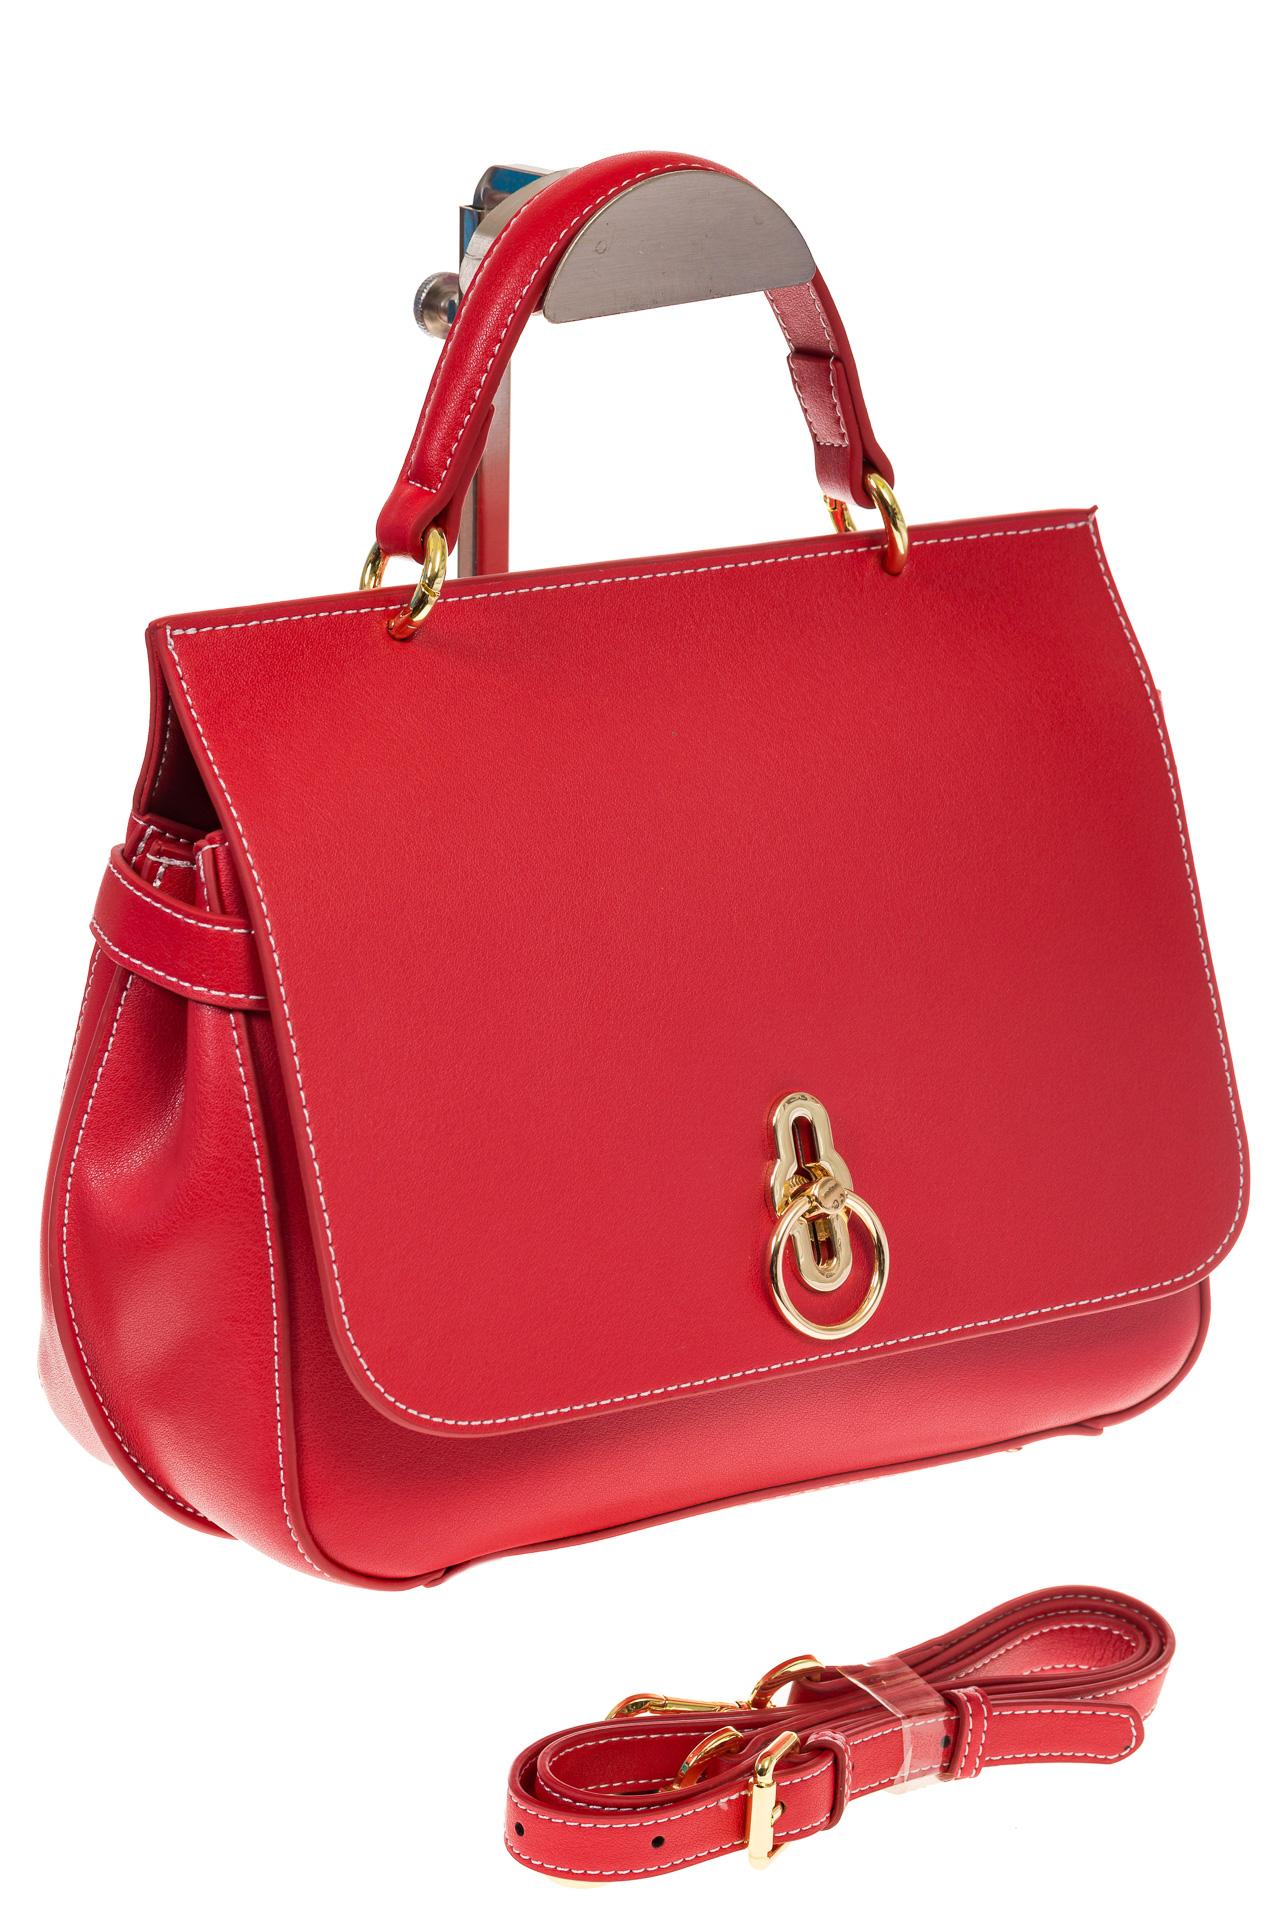 Красная сумка из кожи с верхним клапаном 5046-1 для опта